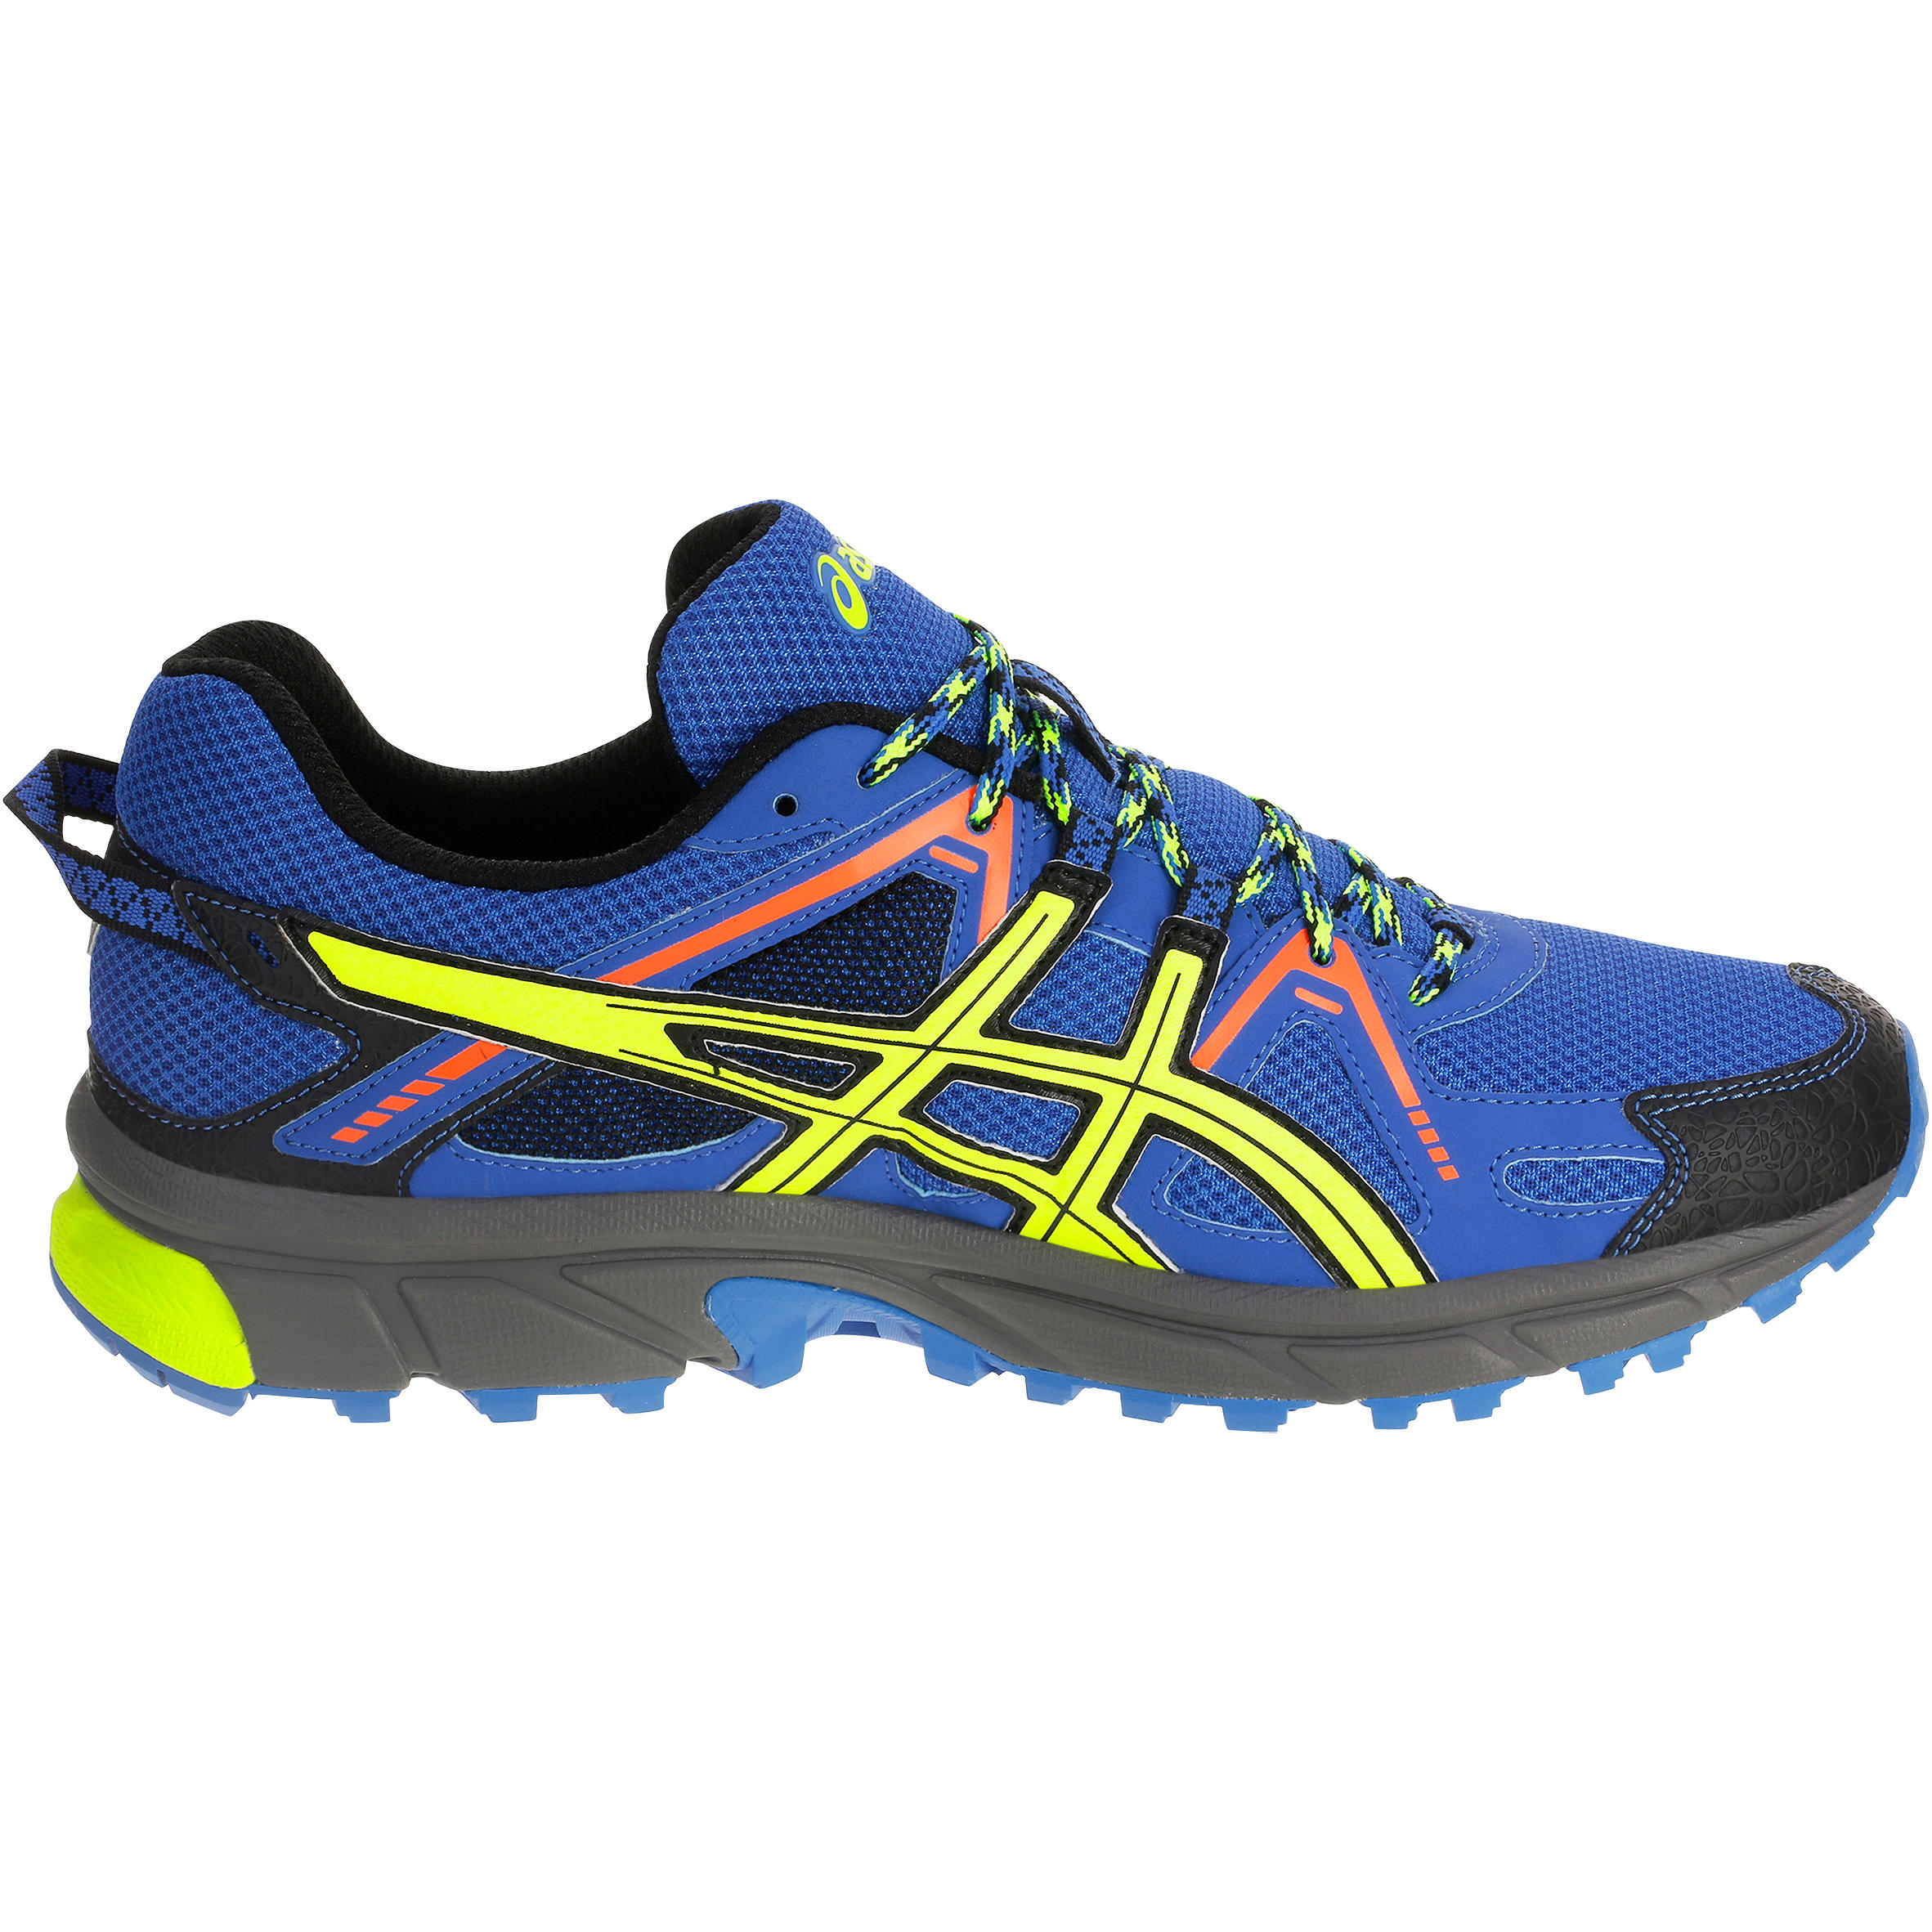 Chaussure trail running homme asics gel kanaku 2